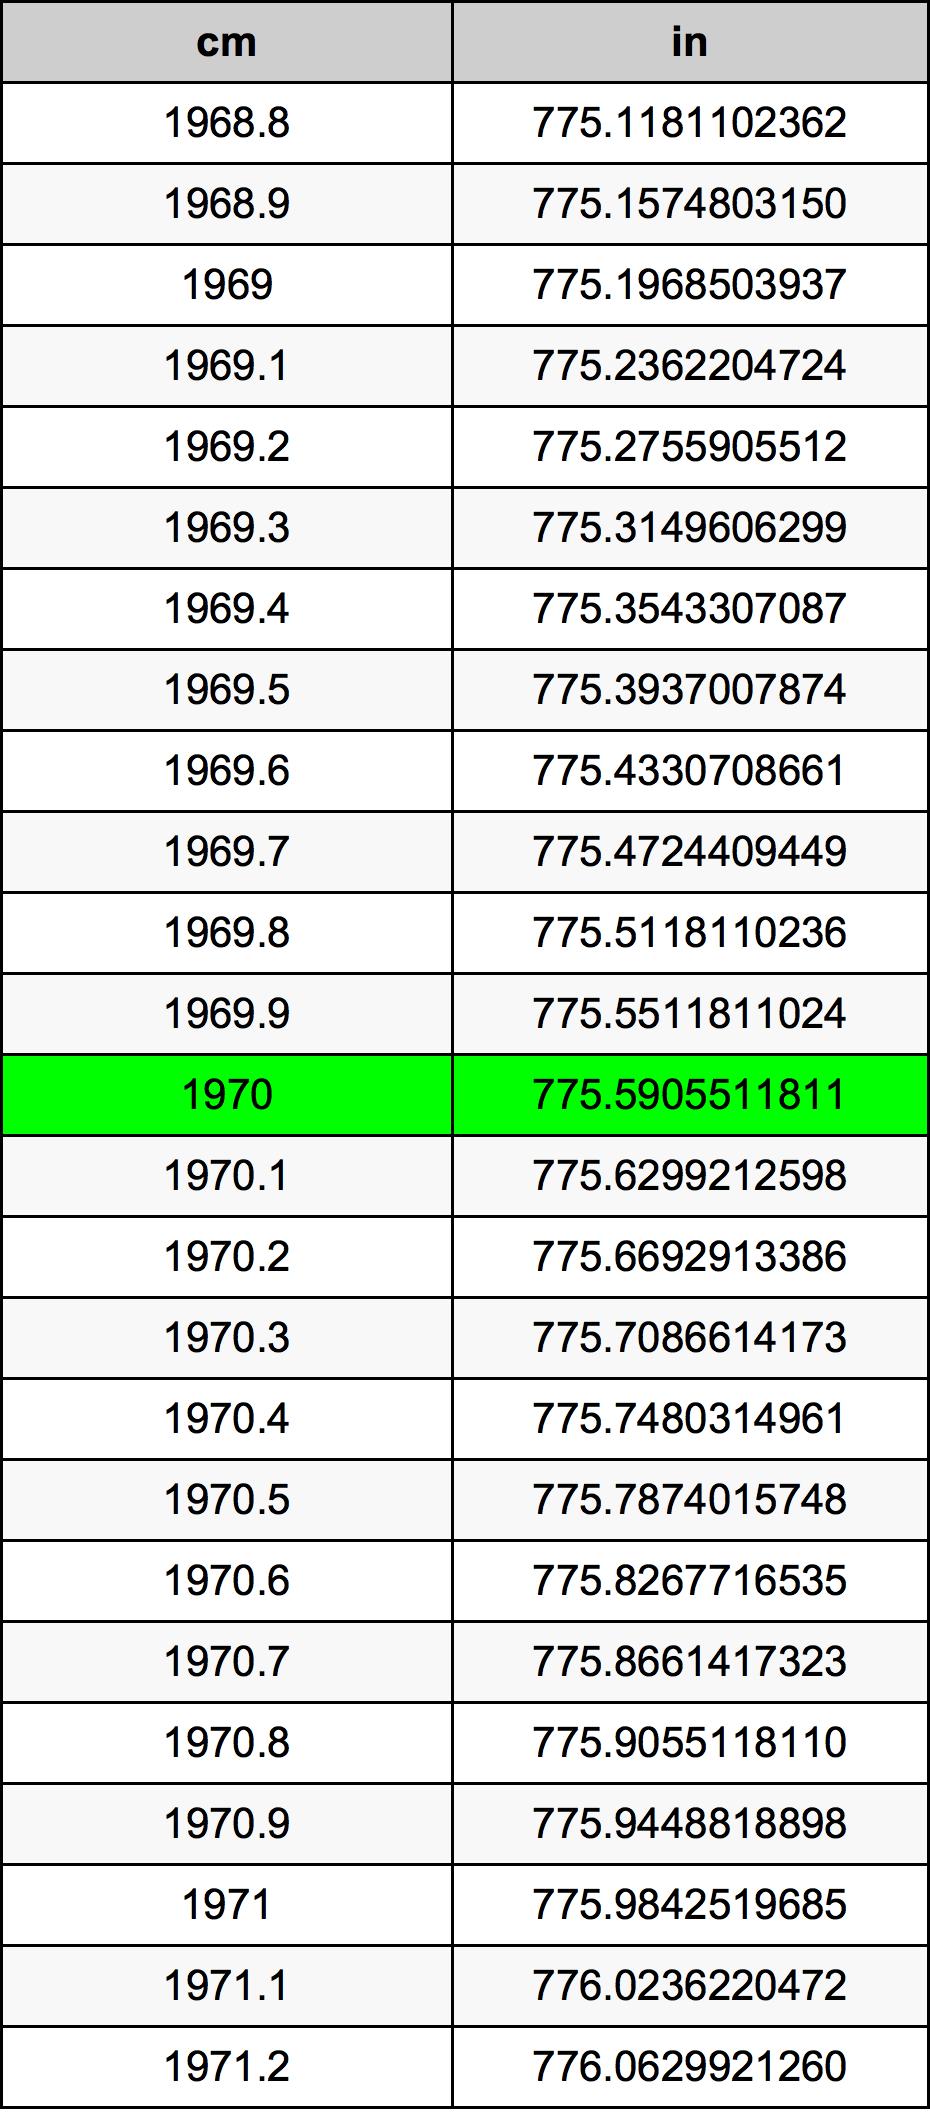 1970 Centimeter omregningstabel